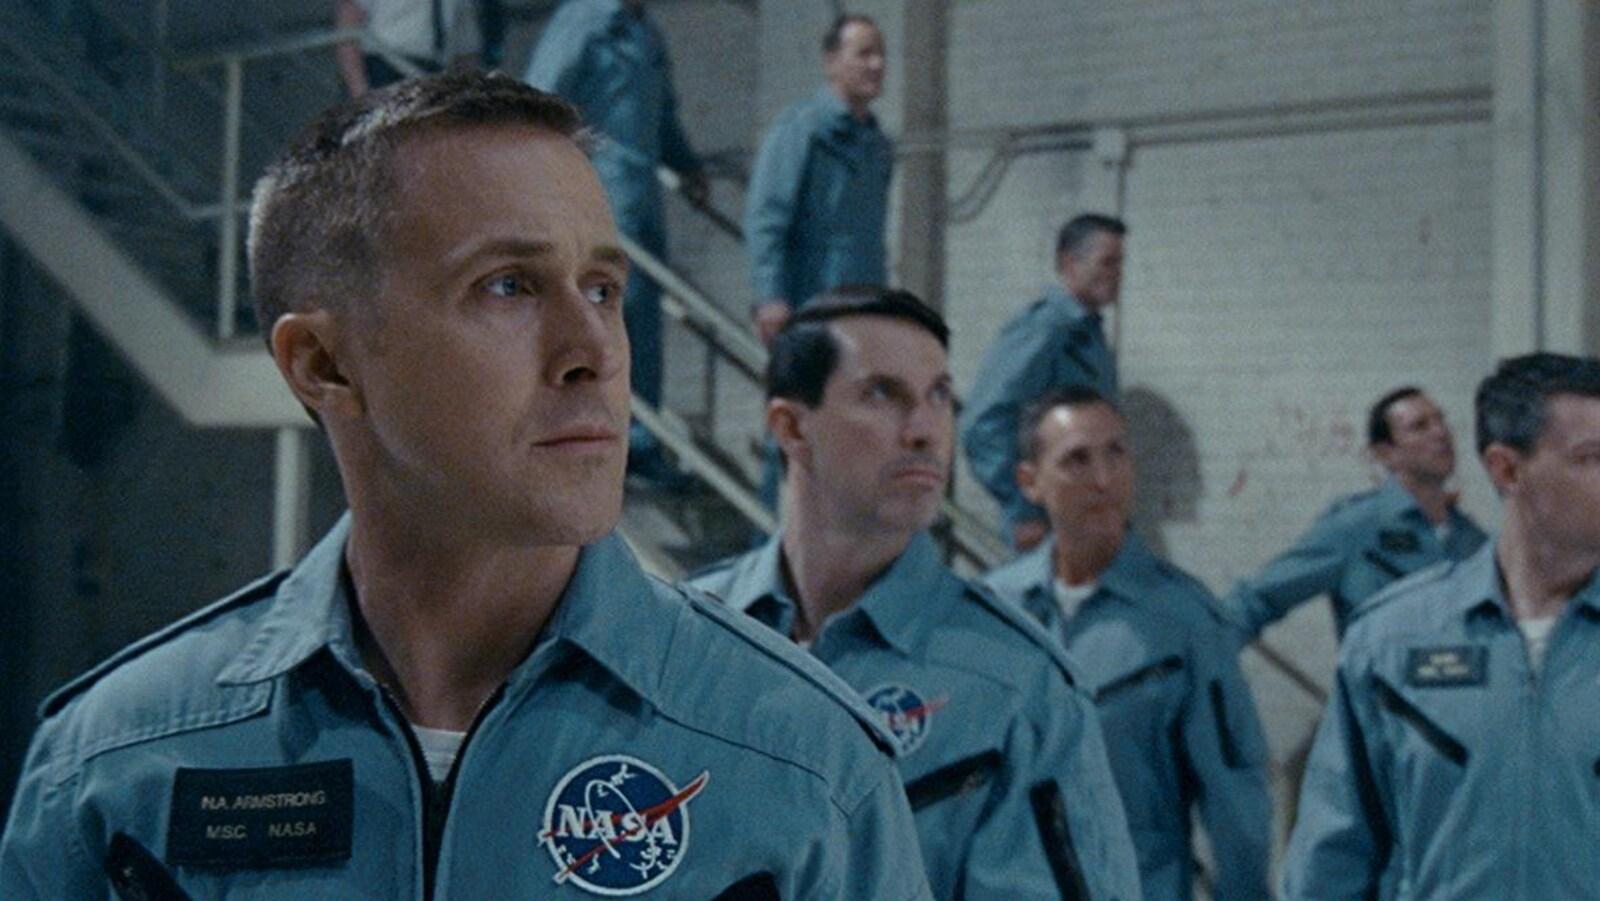 Ryan Gosling, en uniforme de la NASA, regarde vers la droite, tout comme d'autres astronautes derrière lui.